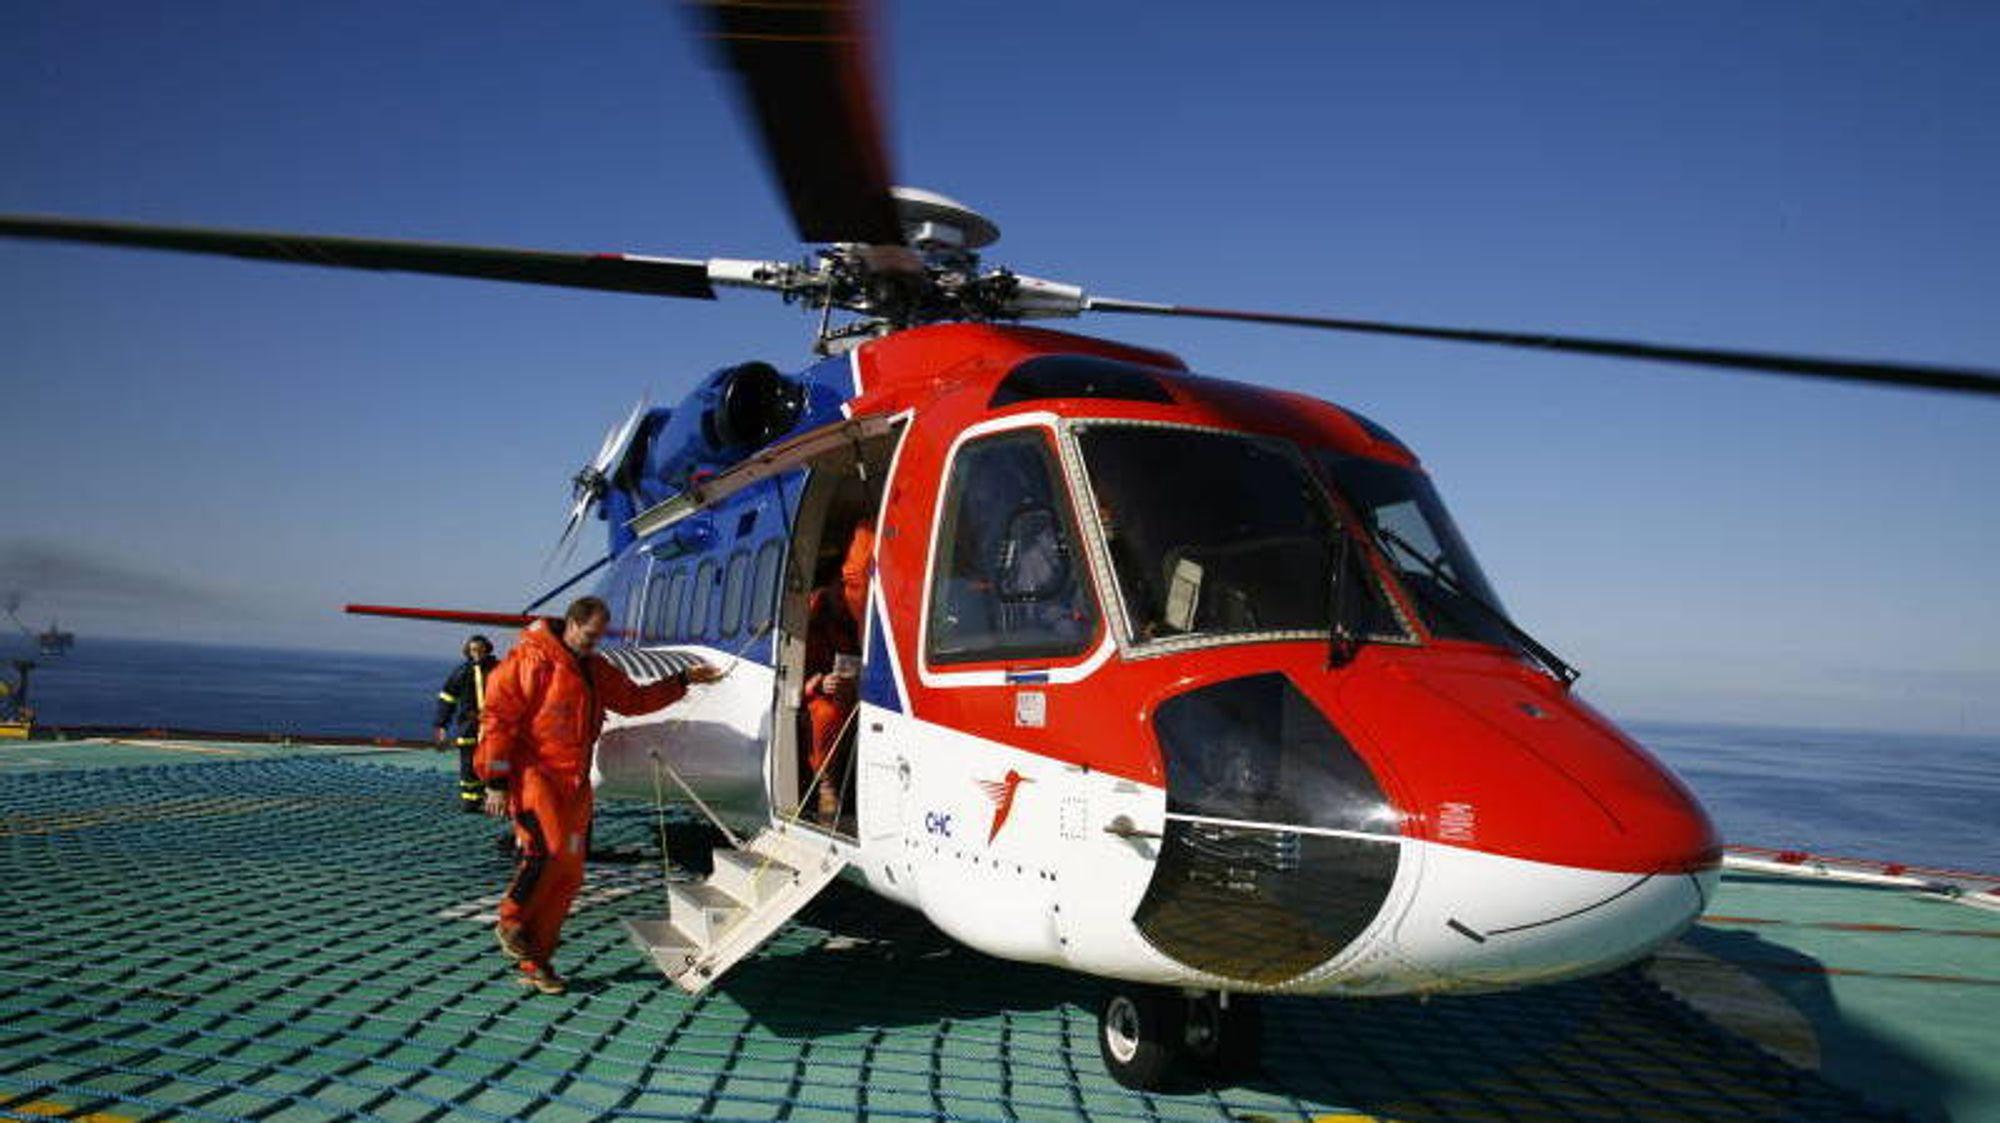 Nå er også Sikorsky S-92 satt på bakken. Bakgrunnen er en ulykke i Skottland i romjulen.